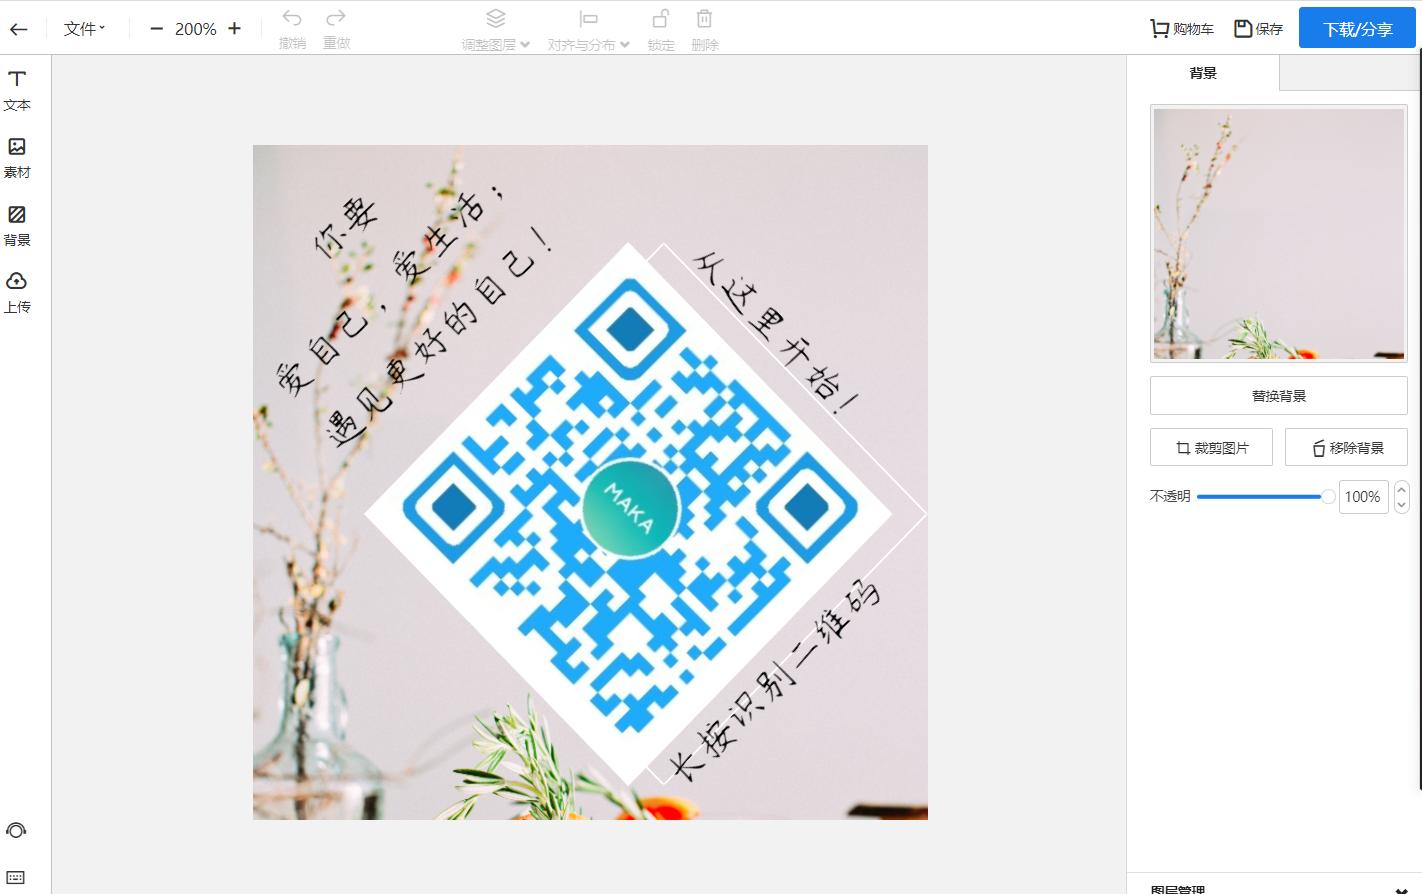 微信二维码设计教程 如何美化你的微信二维码